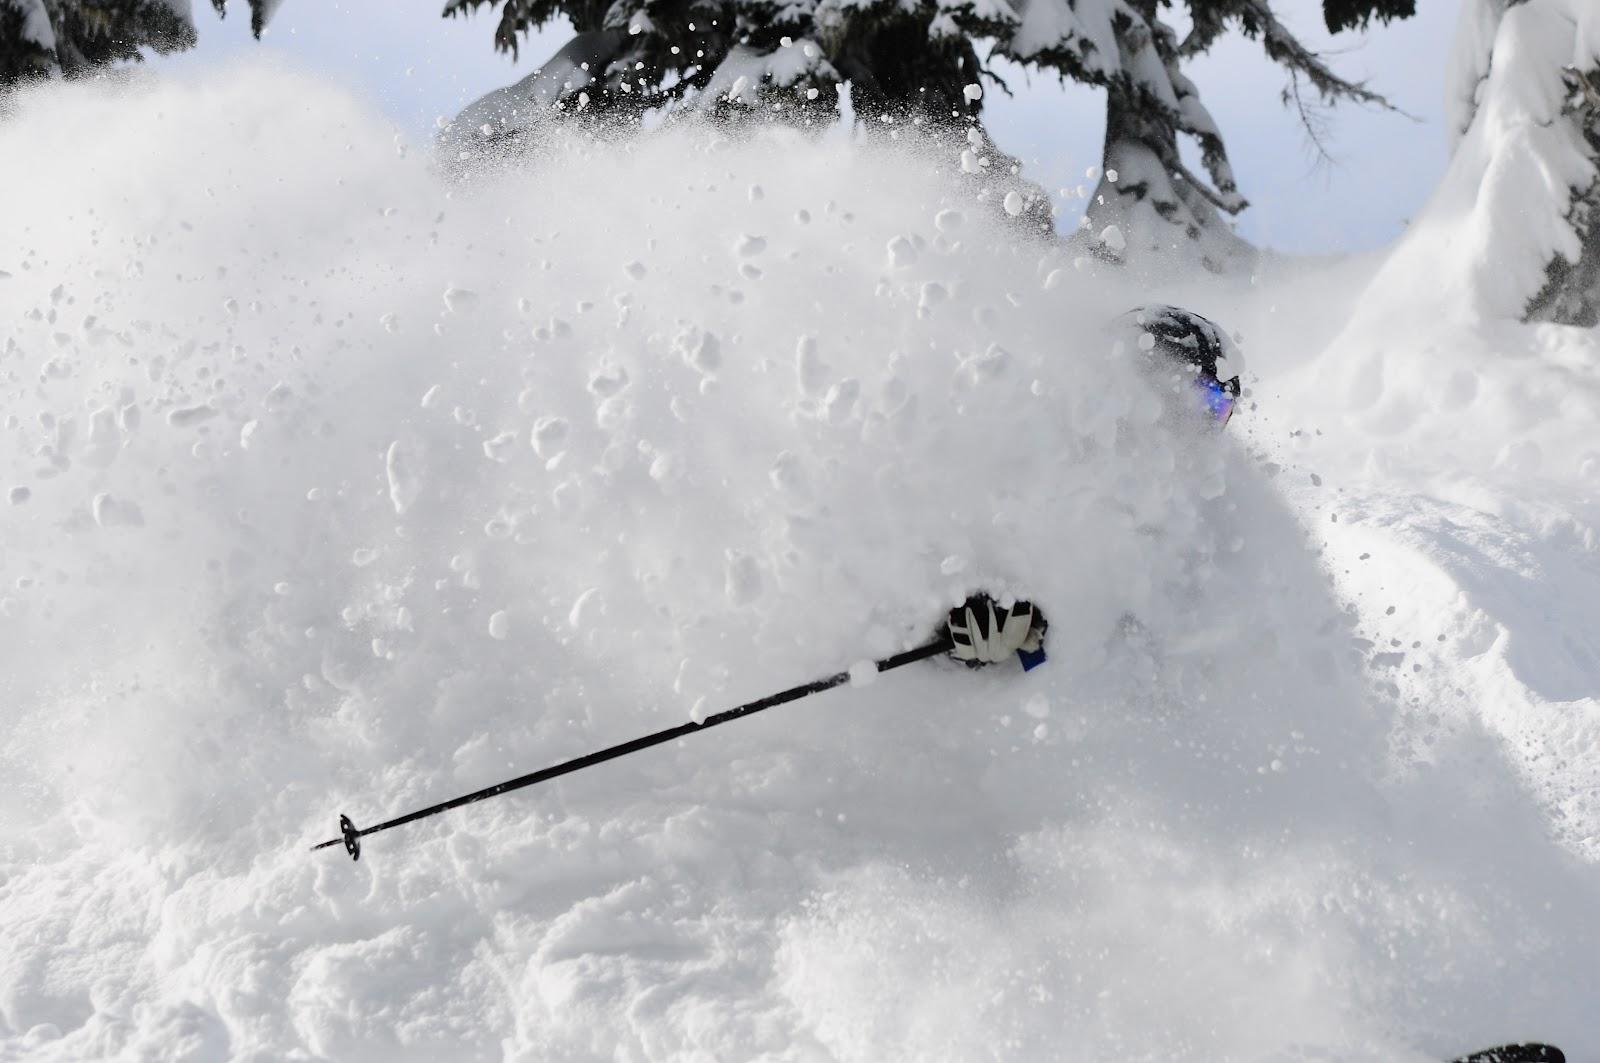 powder skiing wallpaper wallpapersafari